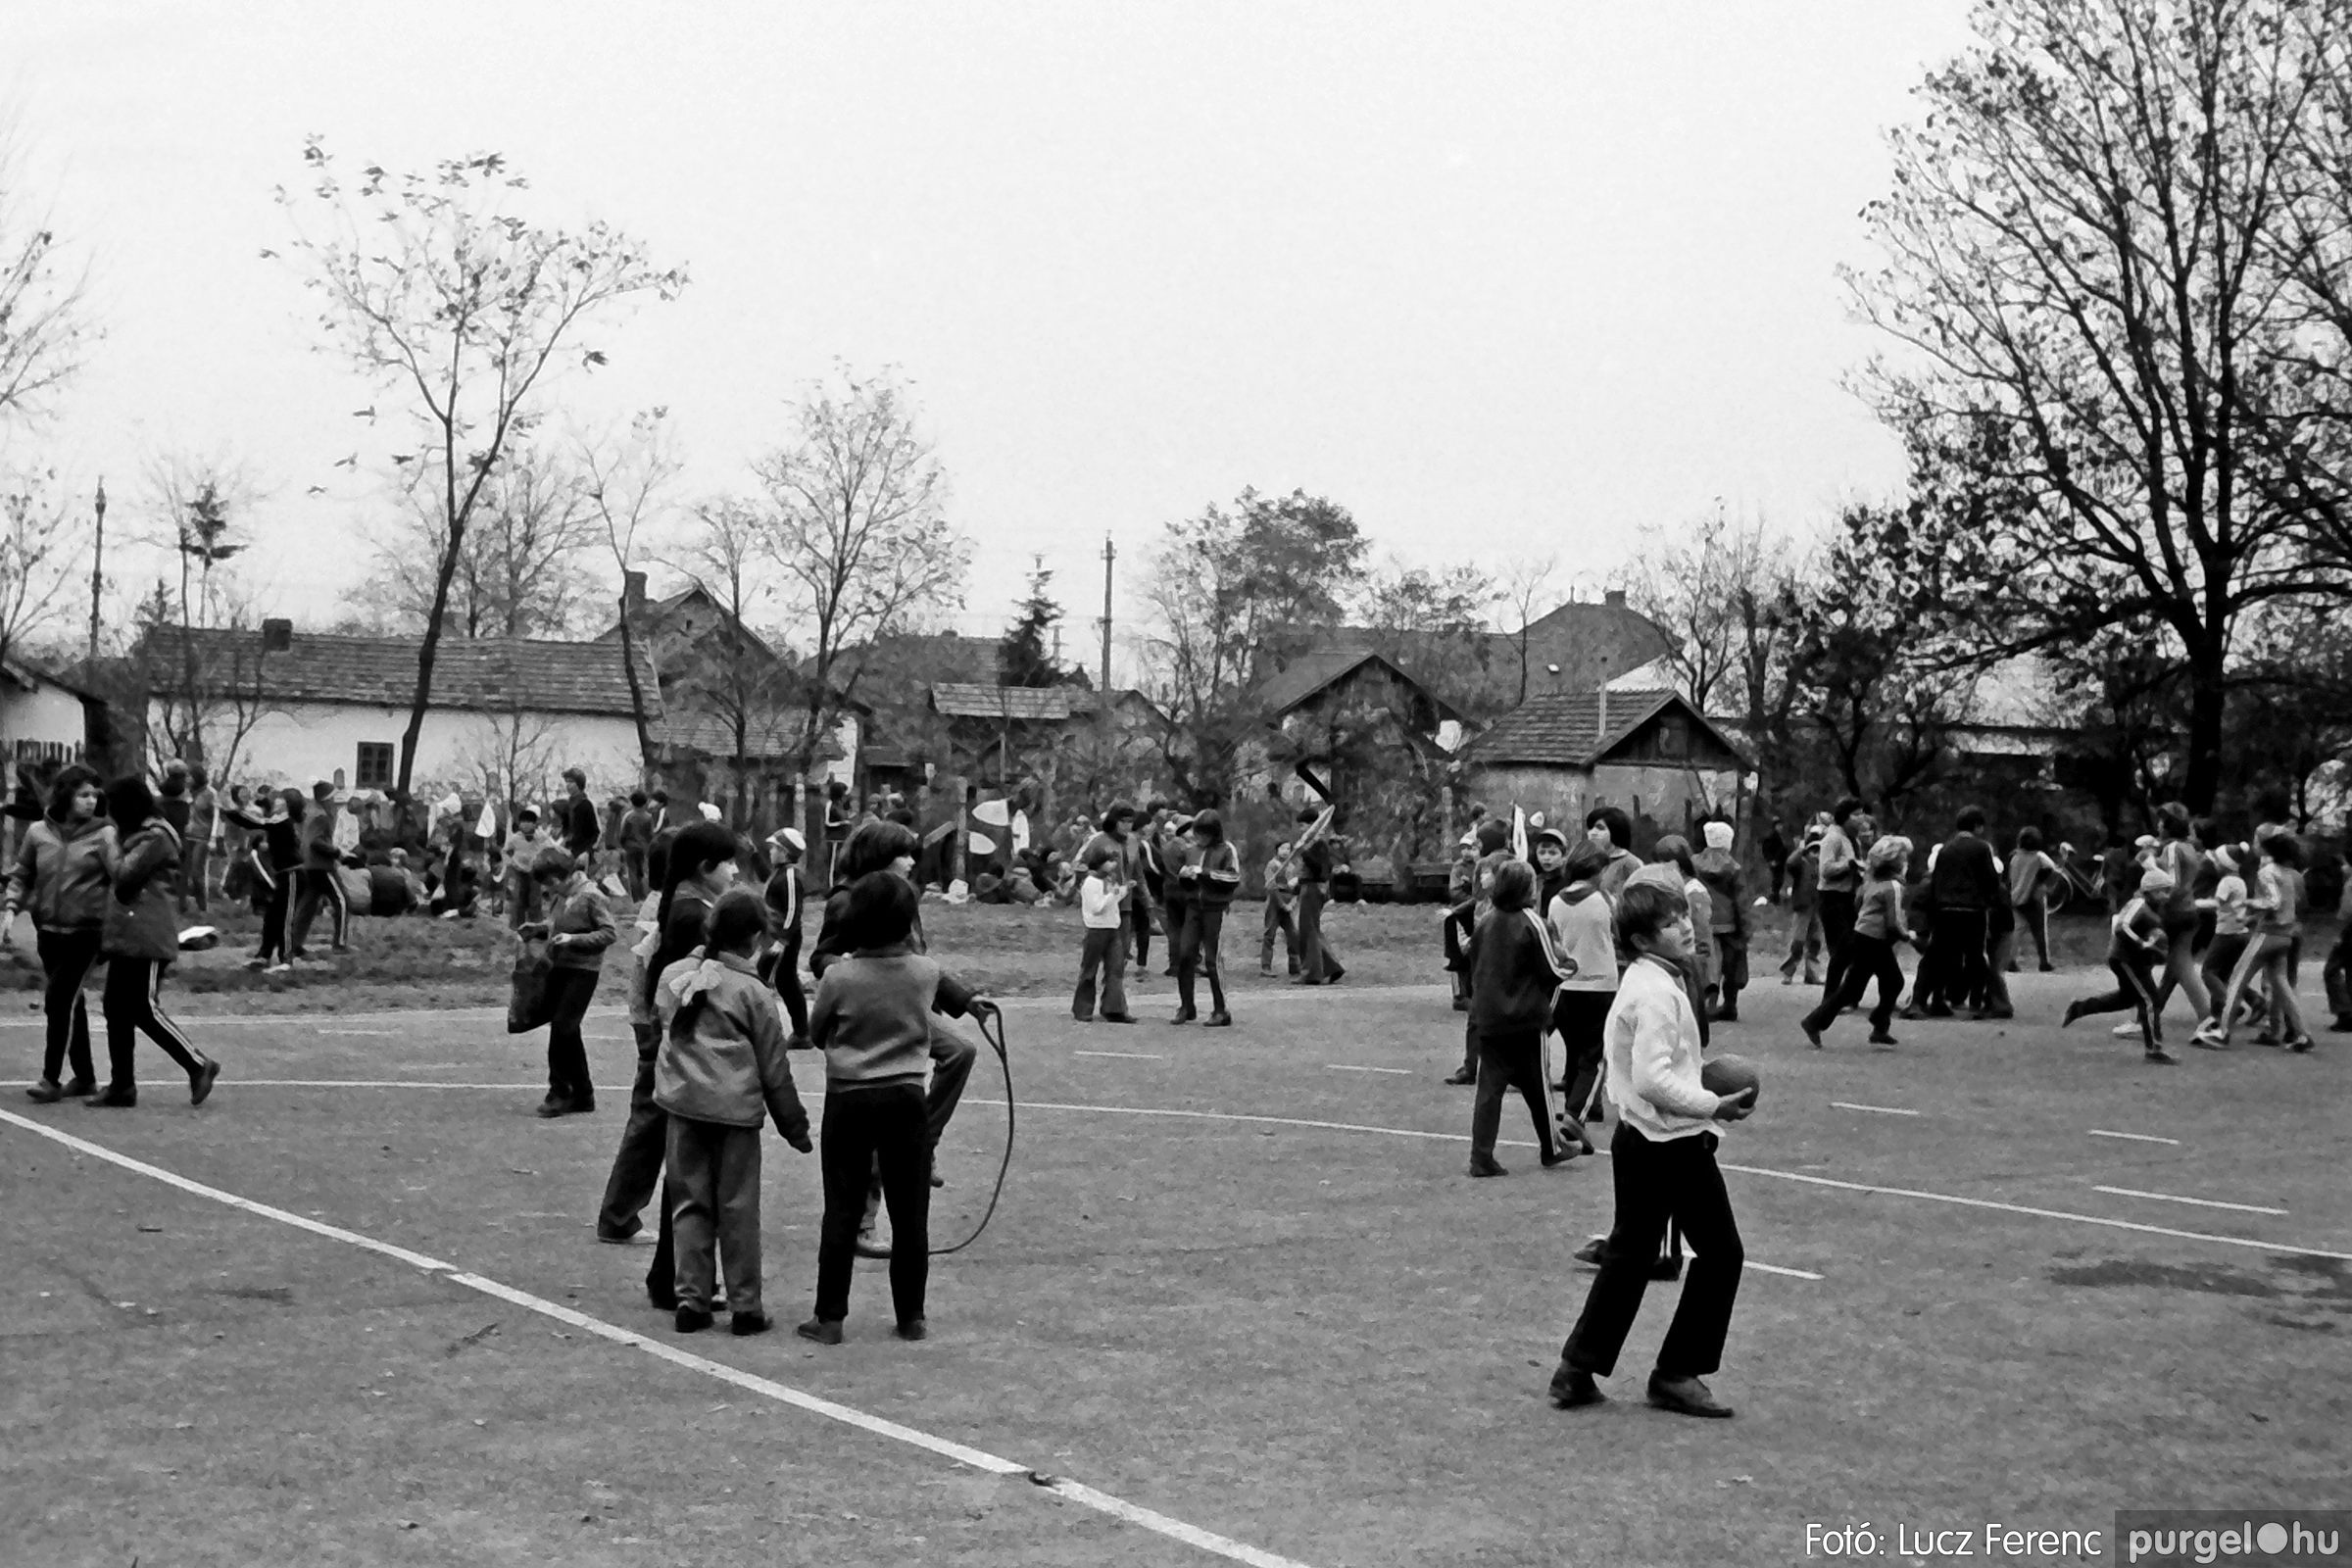 092. 1977. Úttörő rendezvény a Központi Általános Iskolában 010. - Fotó: Lucz Ferenc.jpg